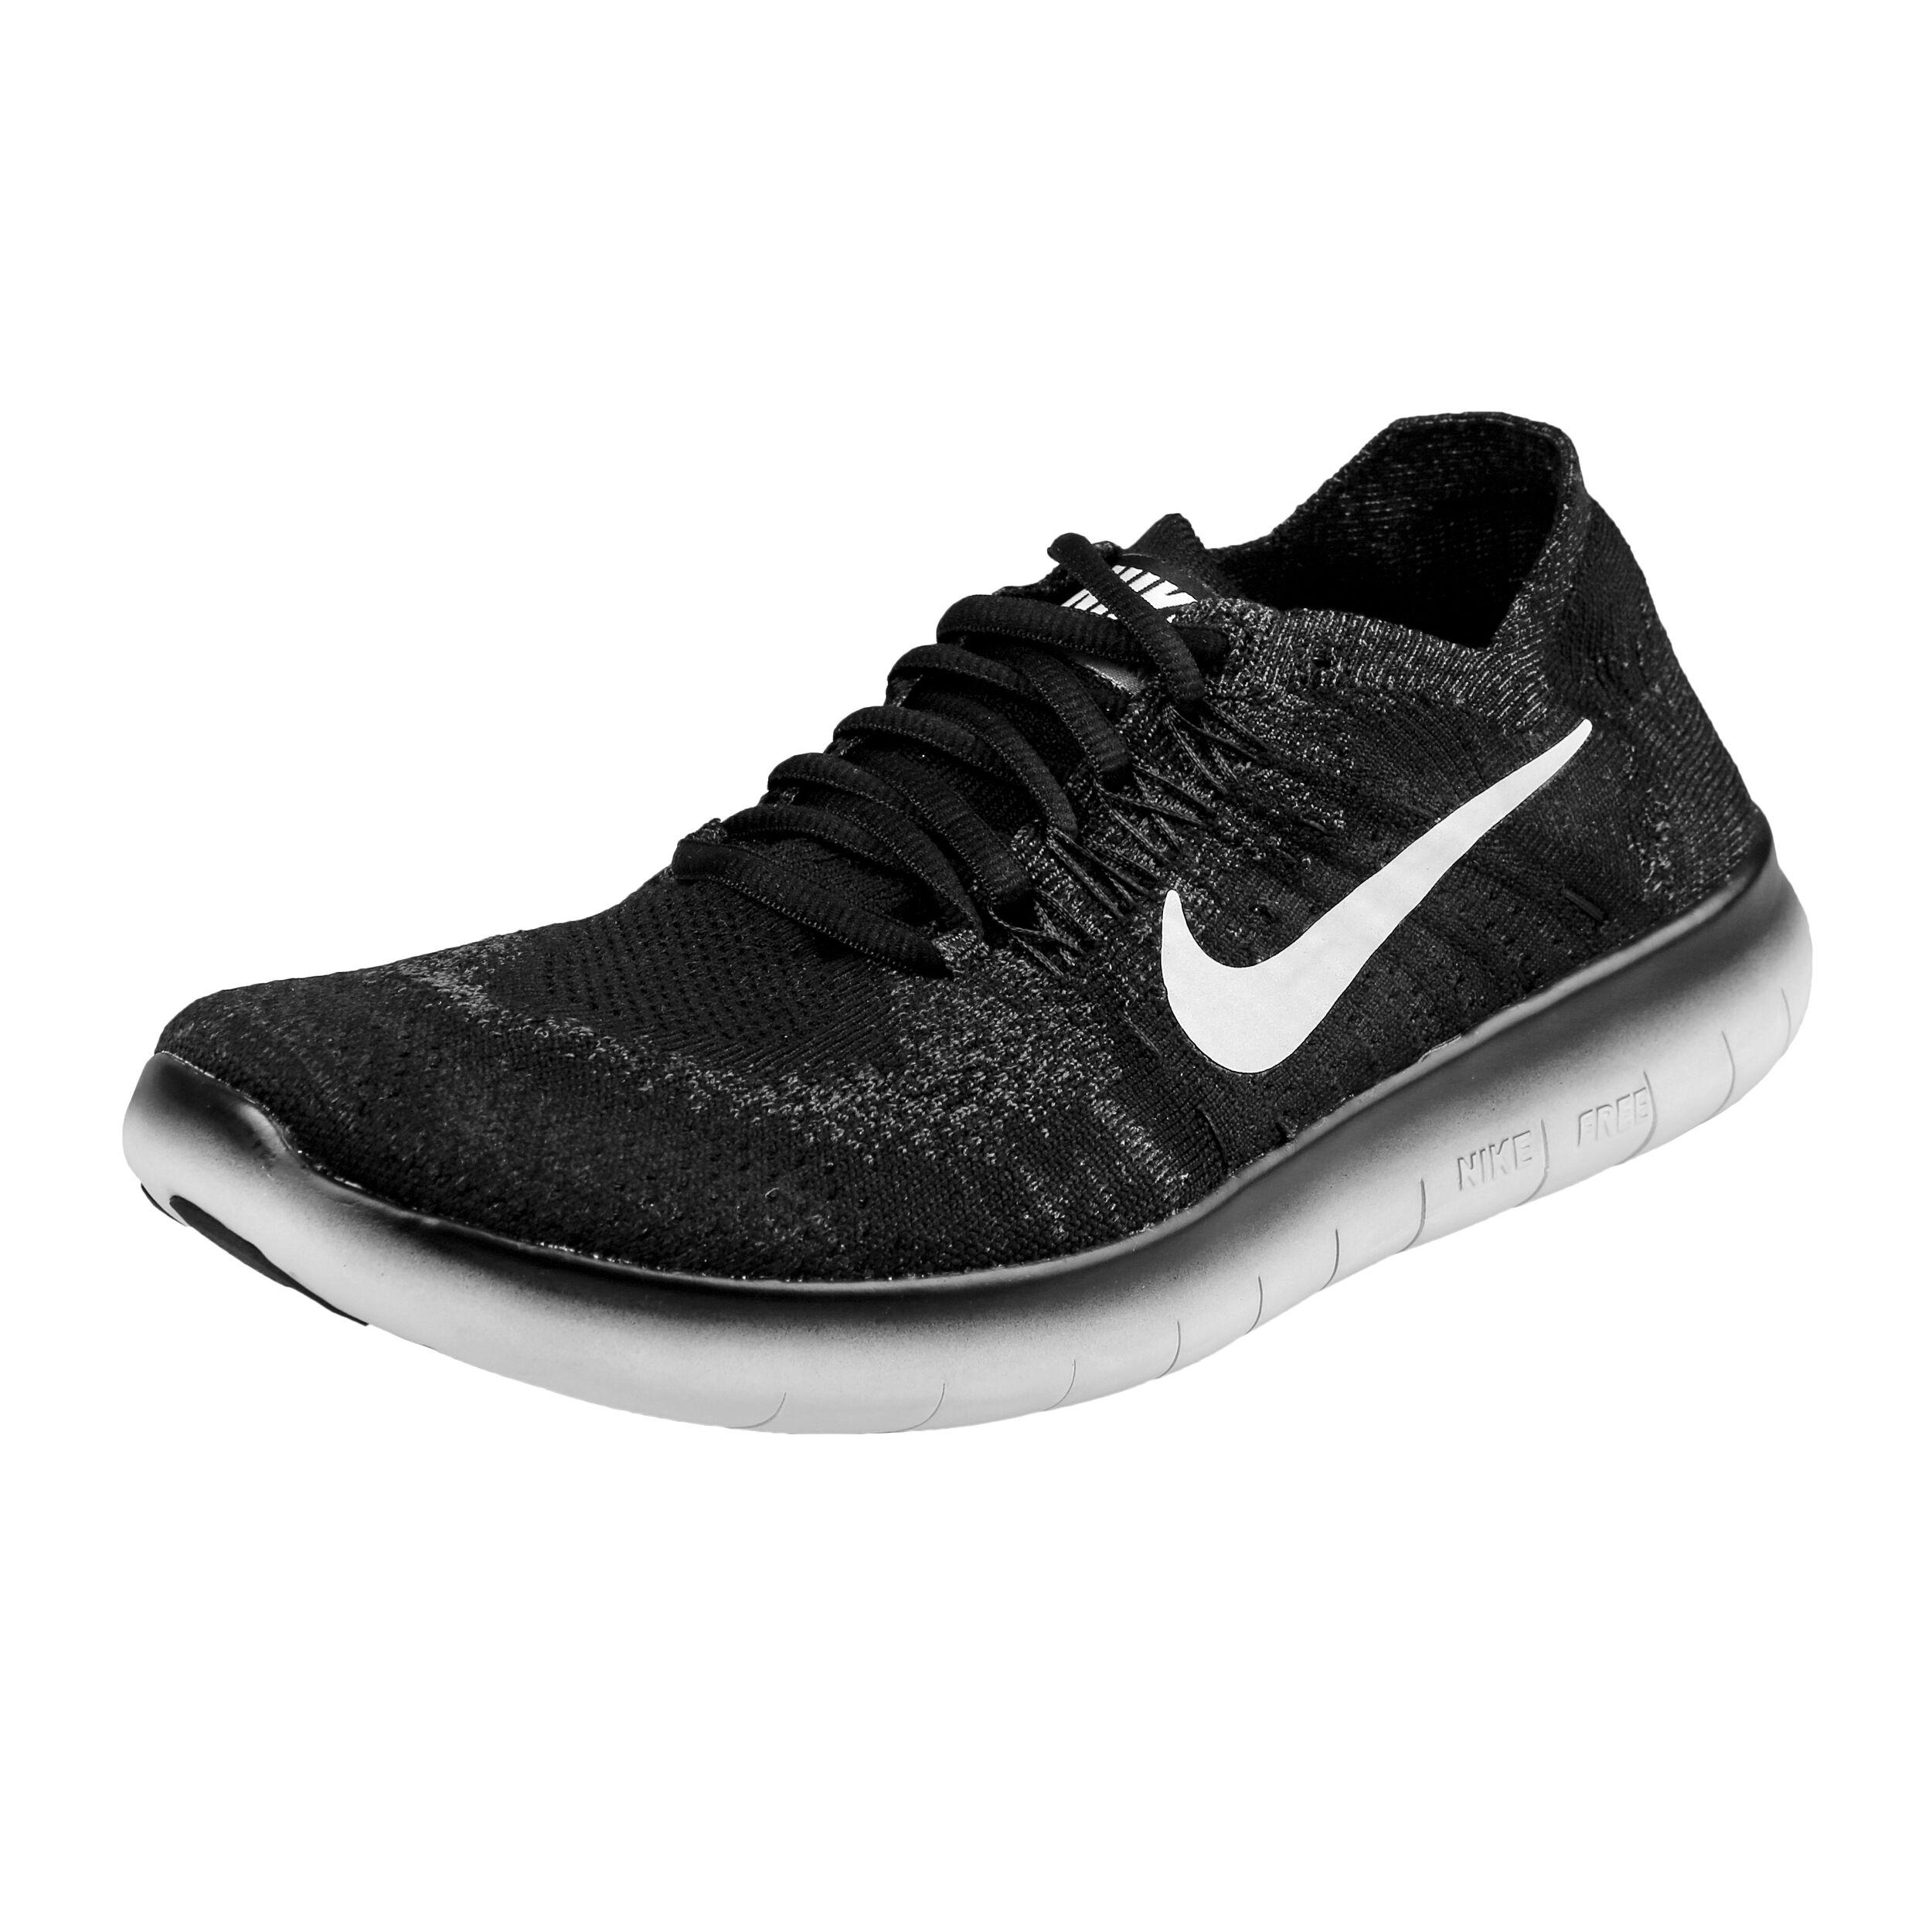 Nike Free Run Flyknit 2017 Fitnessschoen Dames - Zwart, Wit